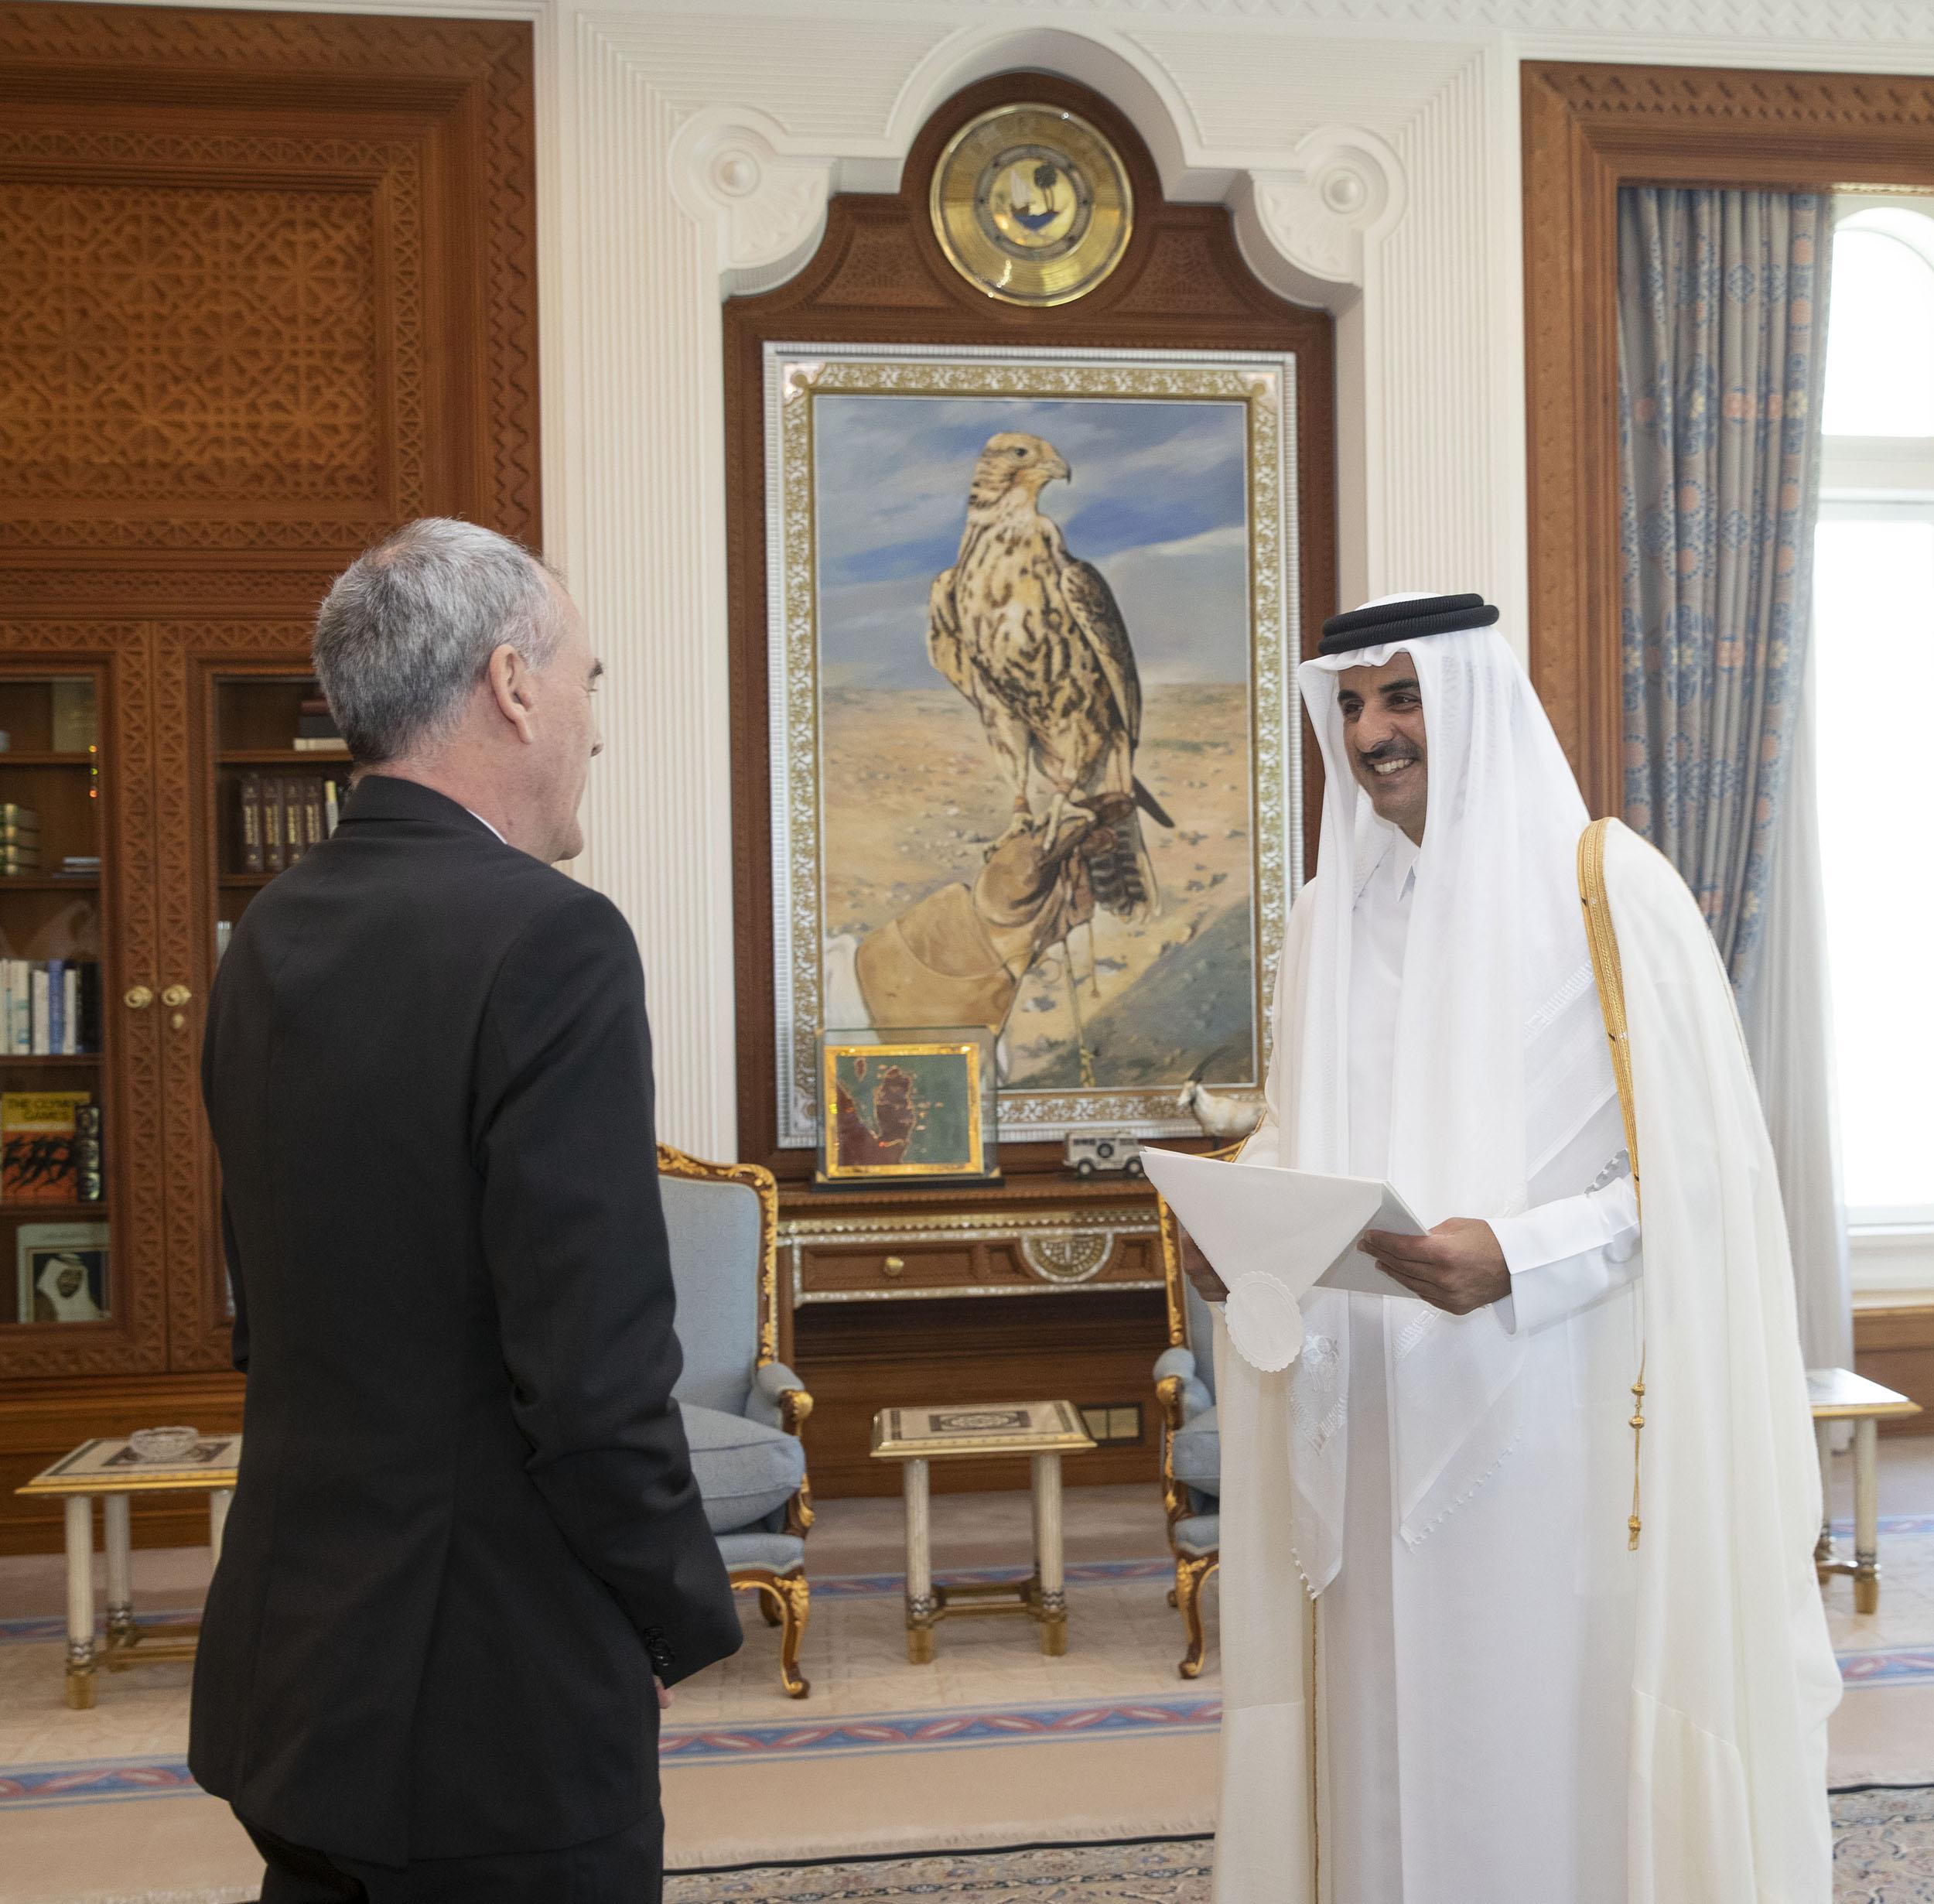 سمو الأمير يتسلم أوراق اعتماد سبعة سفراء جدد لدى الدولة